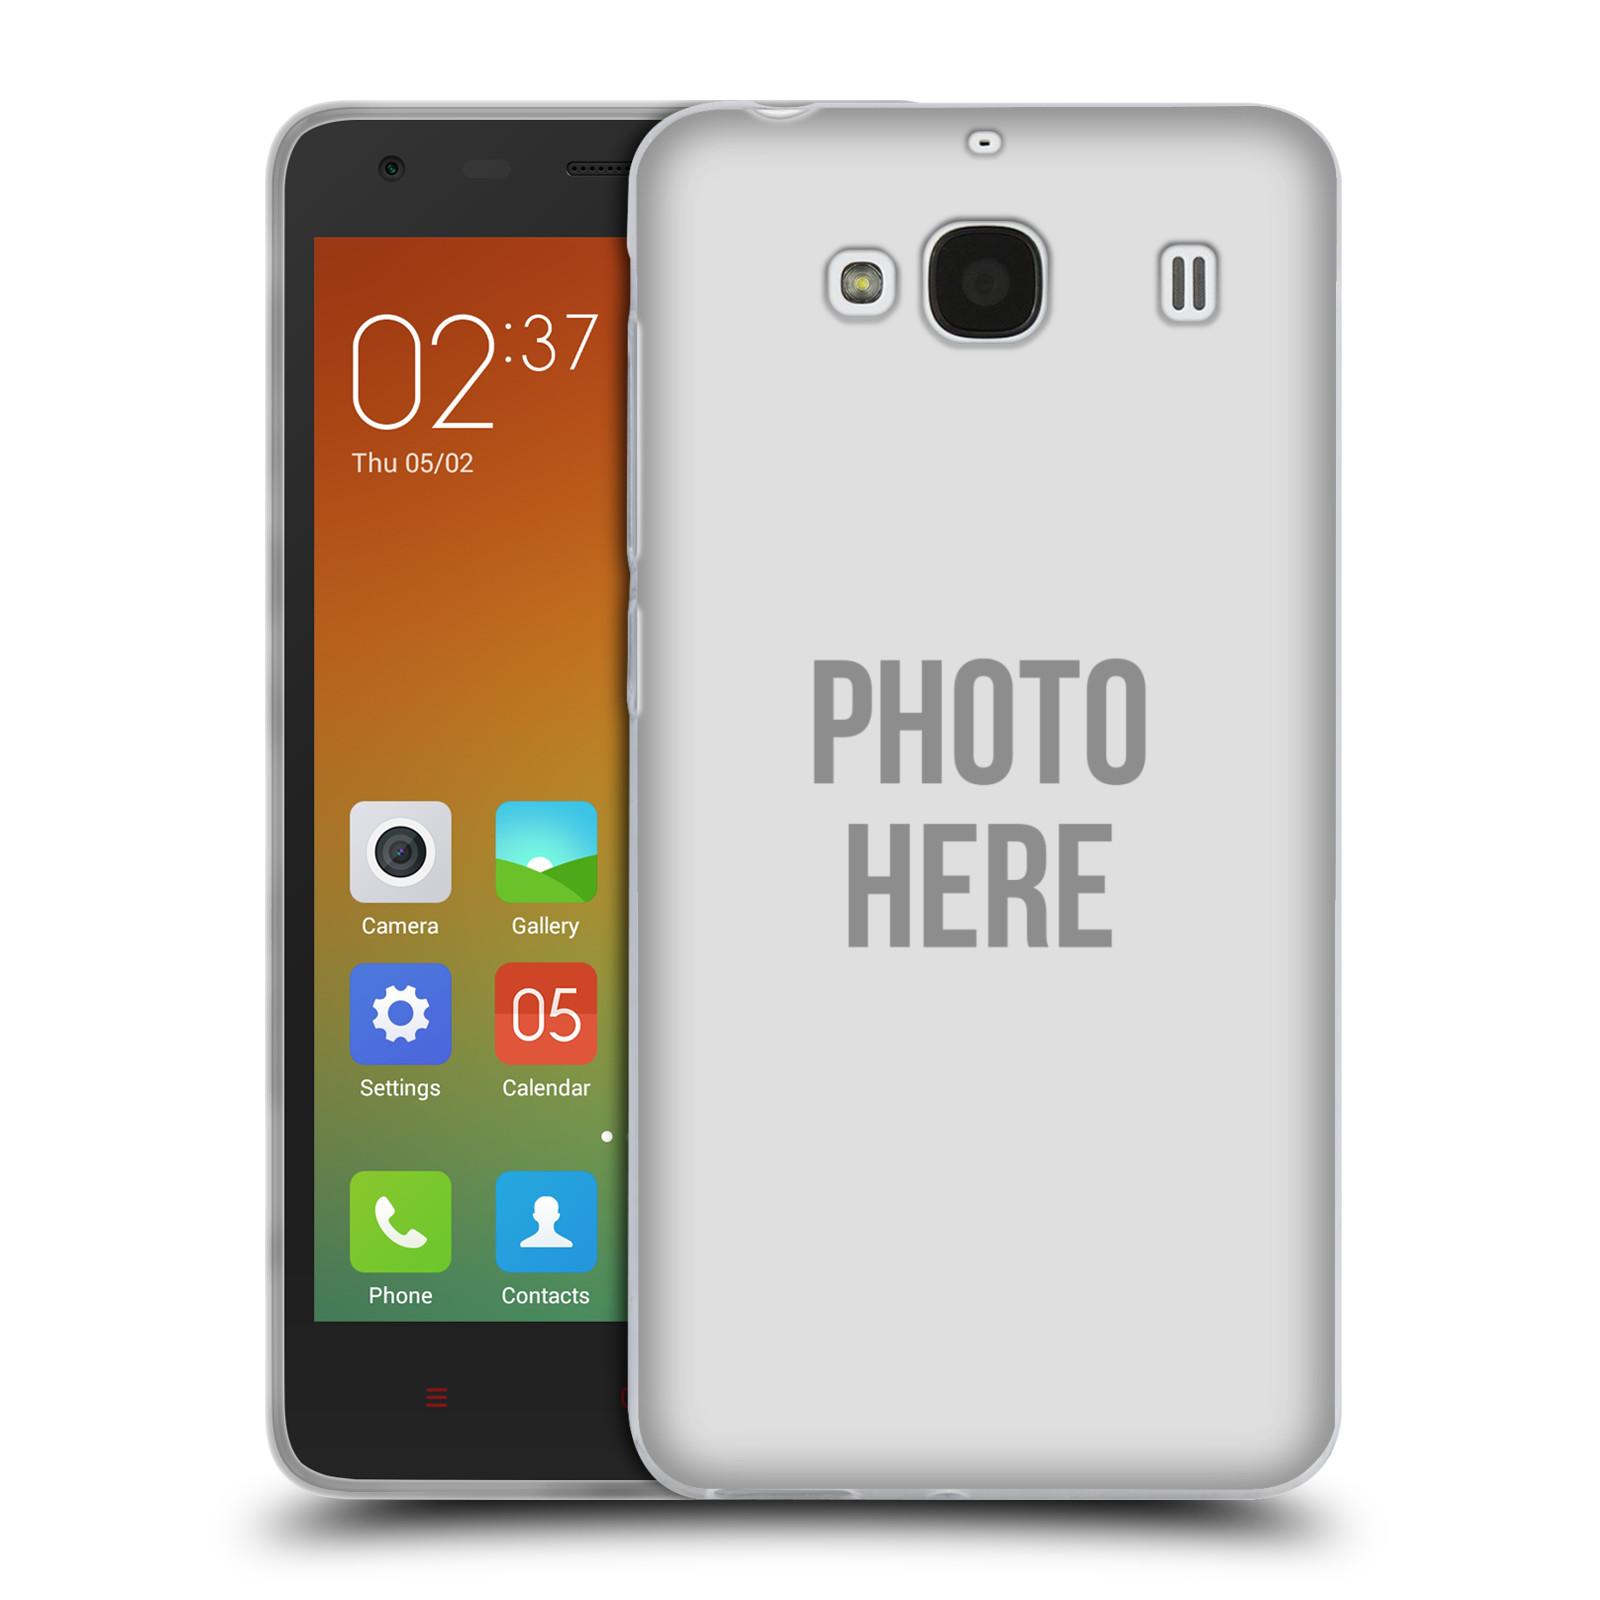 Silikonové pouzdro na mobil Xiaomi Redmi 2 HEAD CASE s vlastním motivem (Silikonový kryt či obal s vlastní fotografií na mobilní telefon Xiaomi Redmi 2)